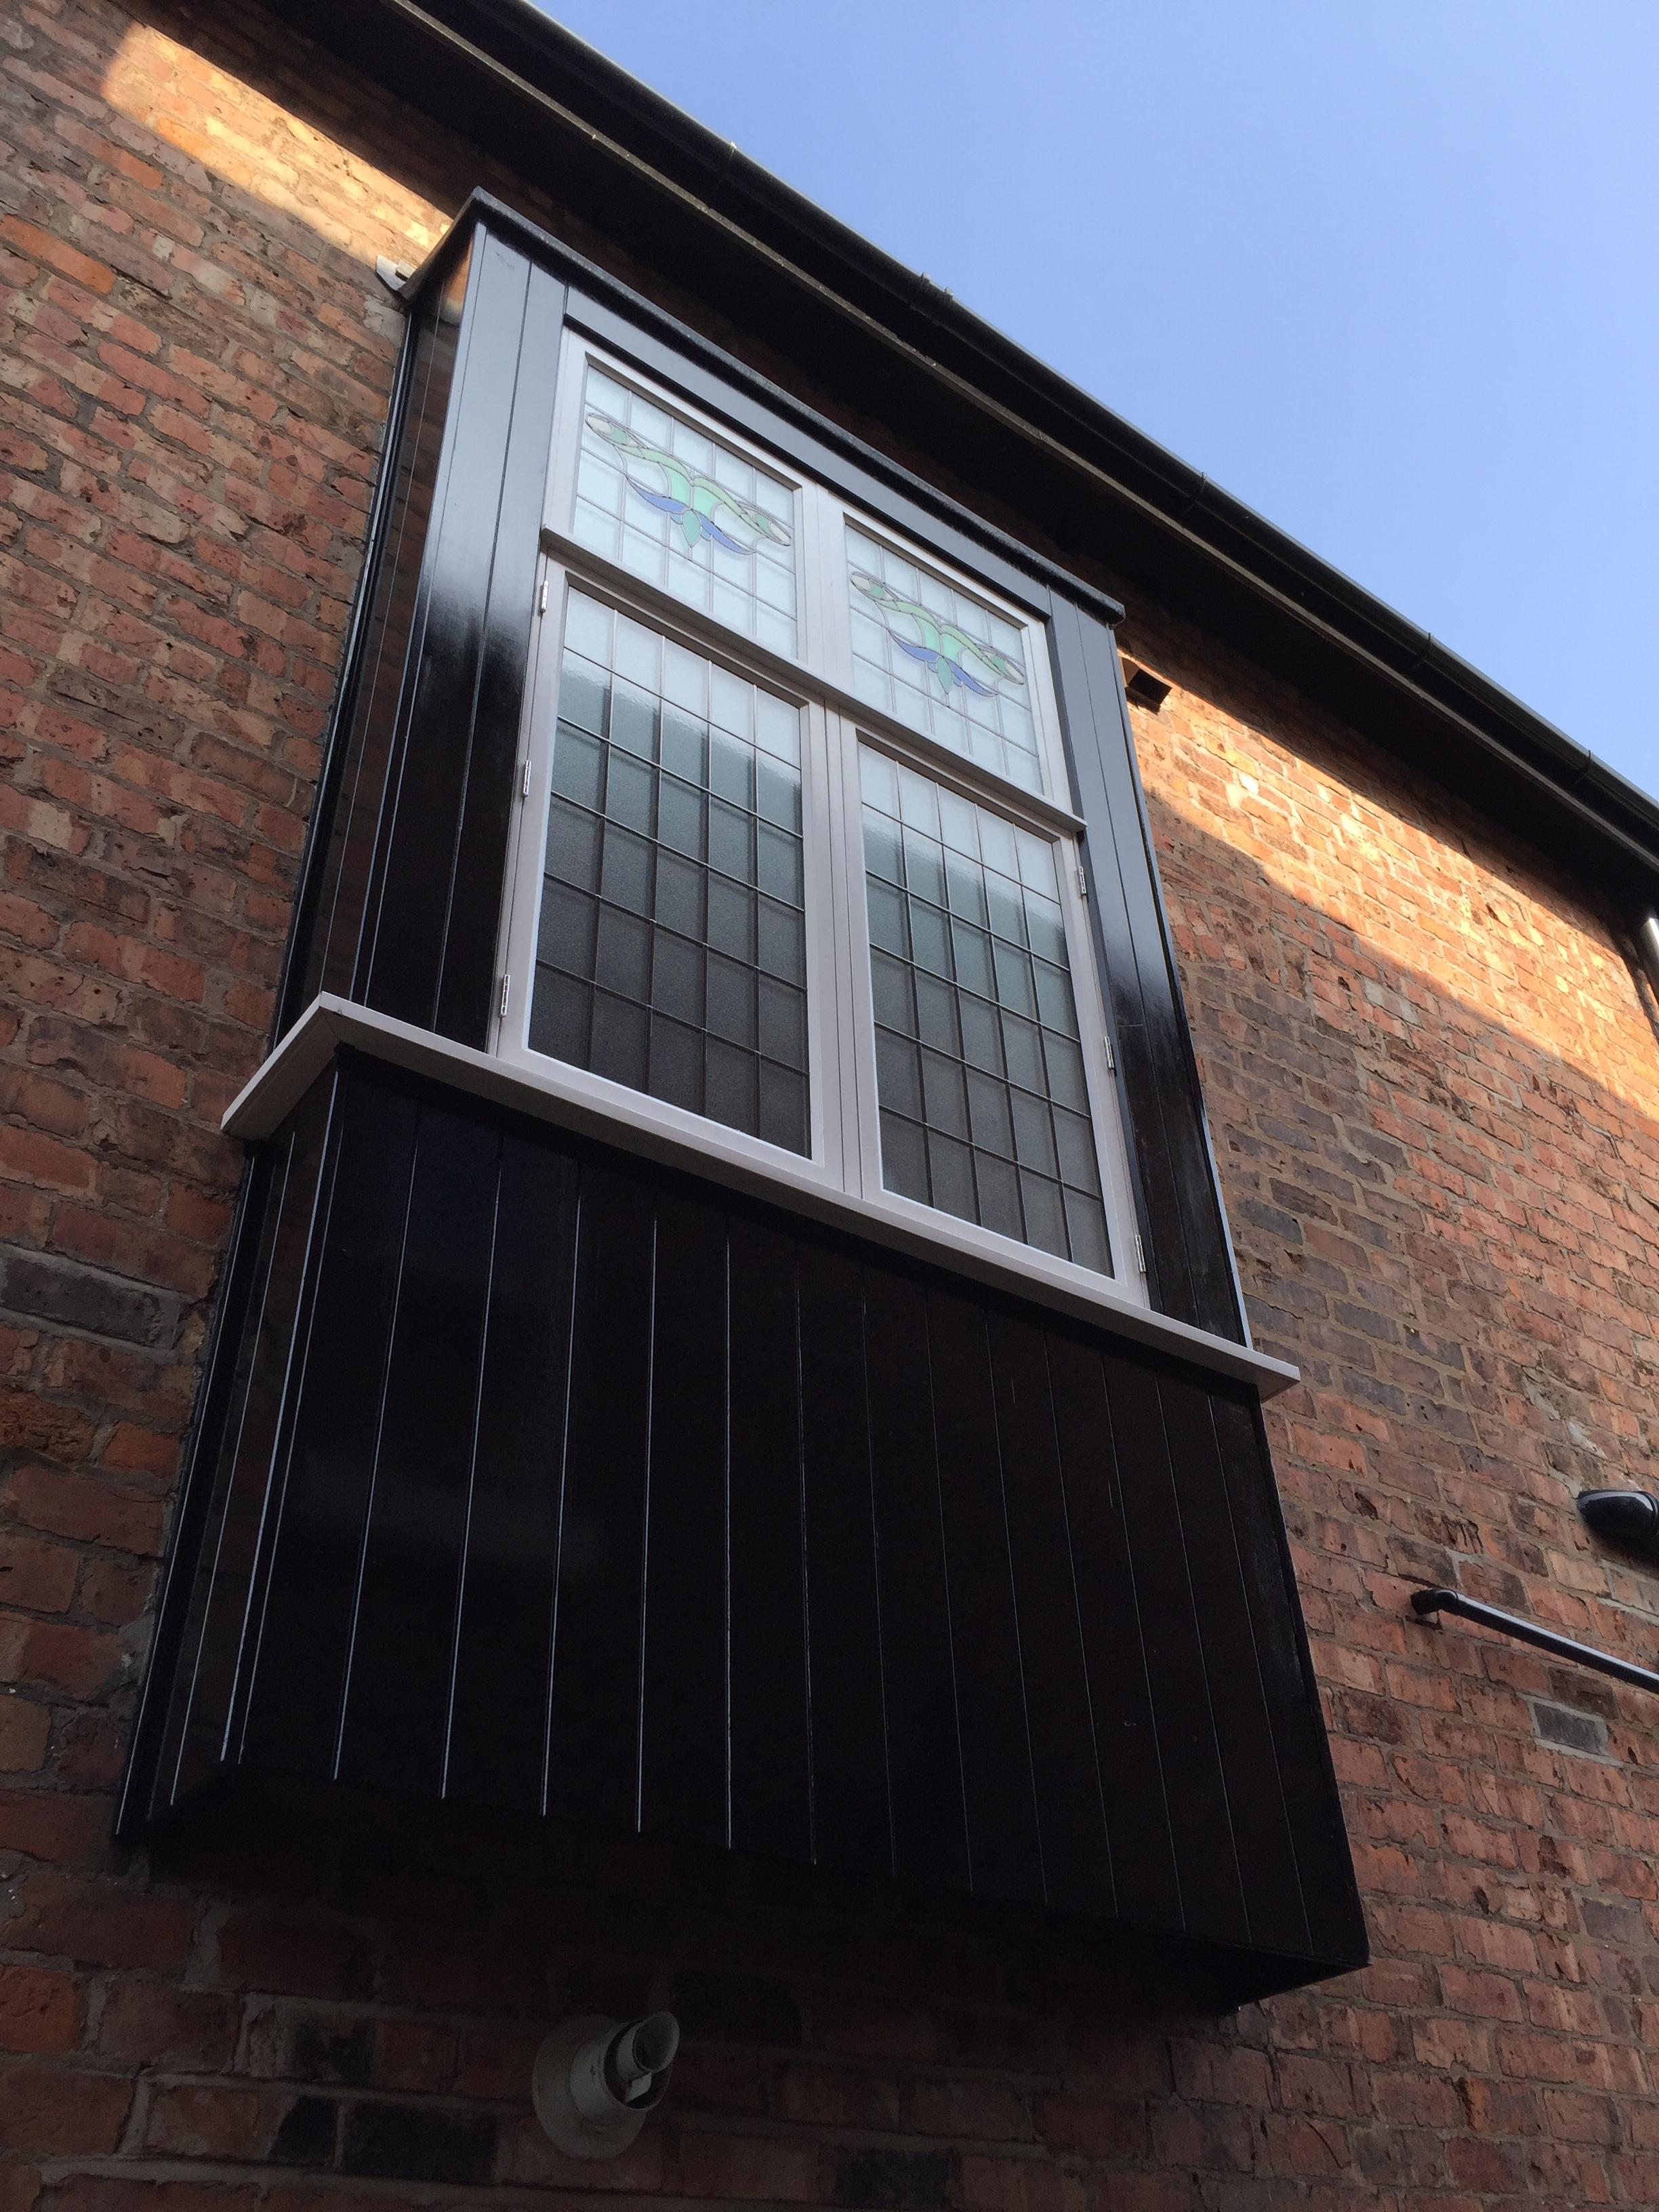 Oriel window, Birkdale, Southport, Merseyside